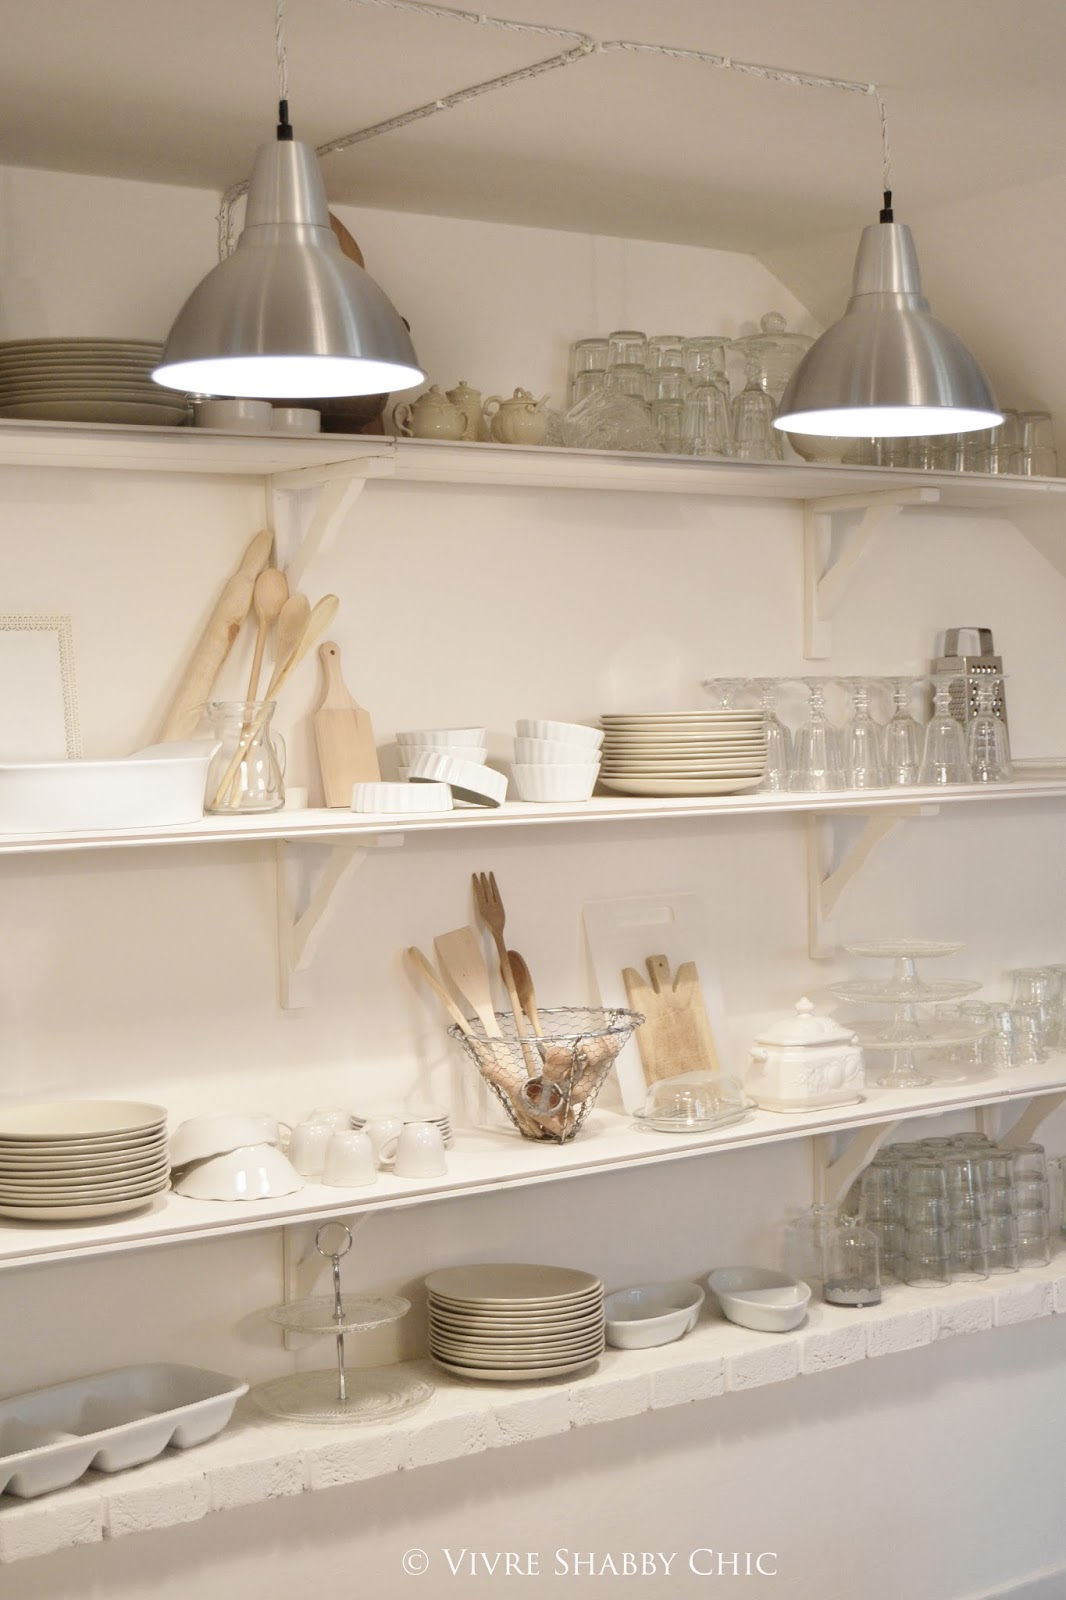 Vivre shabby chic un tocco di stile industriale nuove lampade in cucina - Antifurti per la casa ...